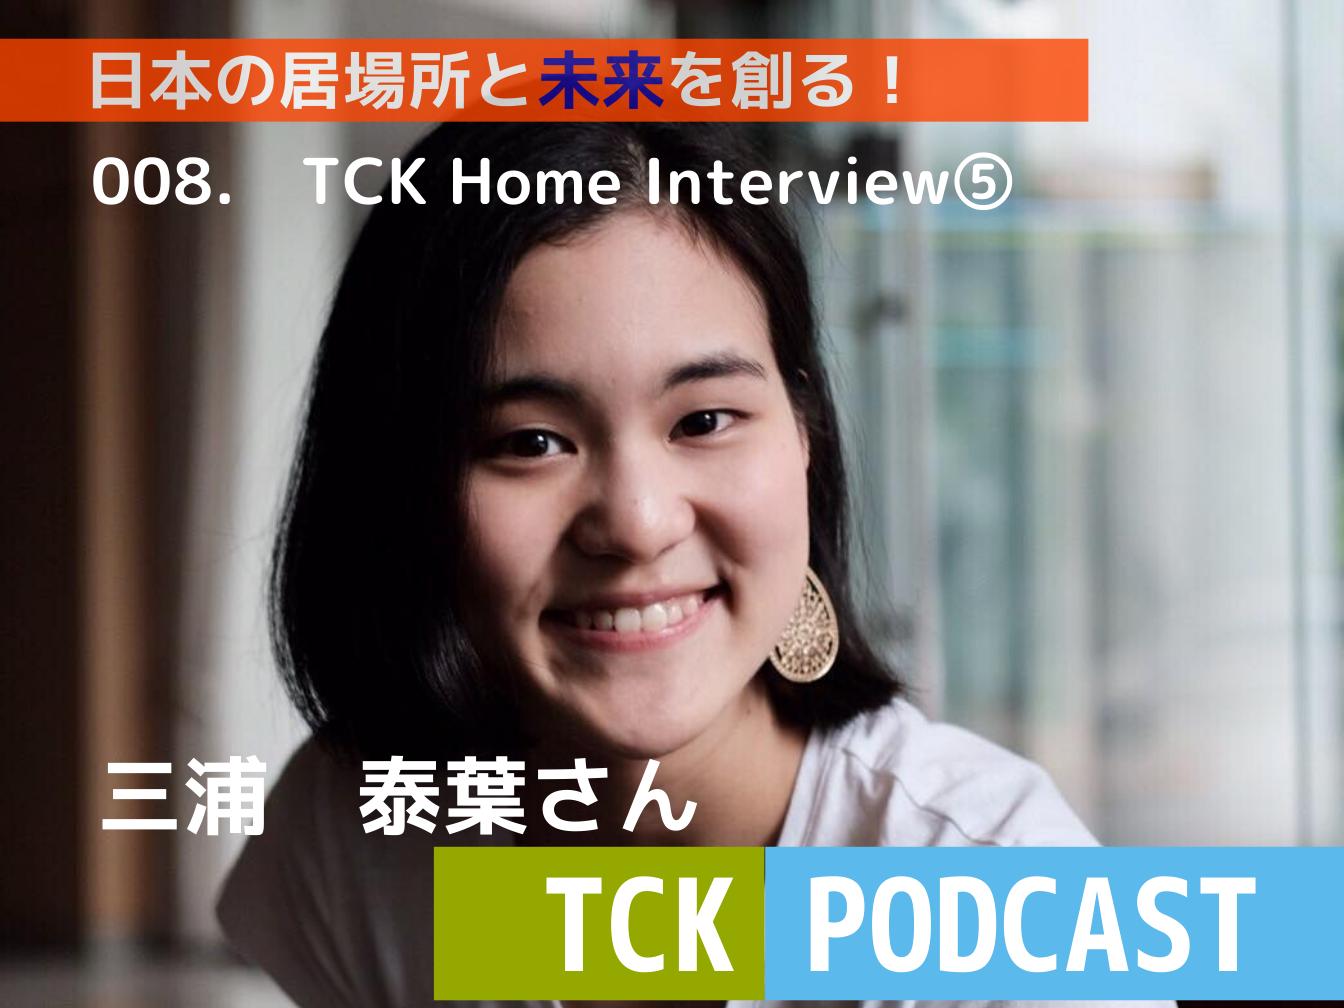 TCKPodcast 三浦泰葉さん